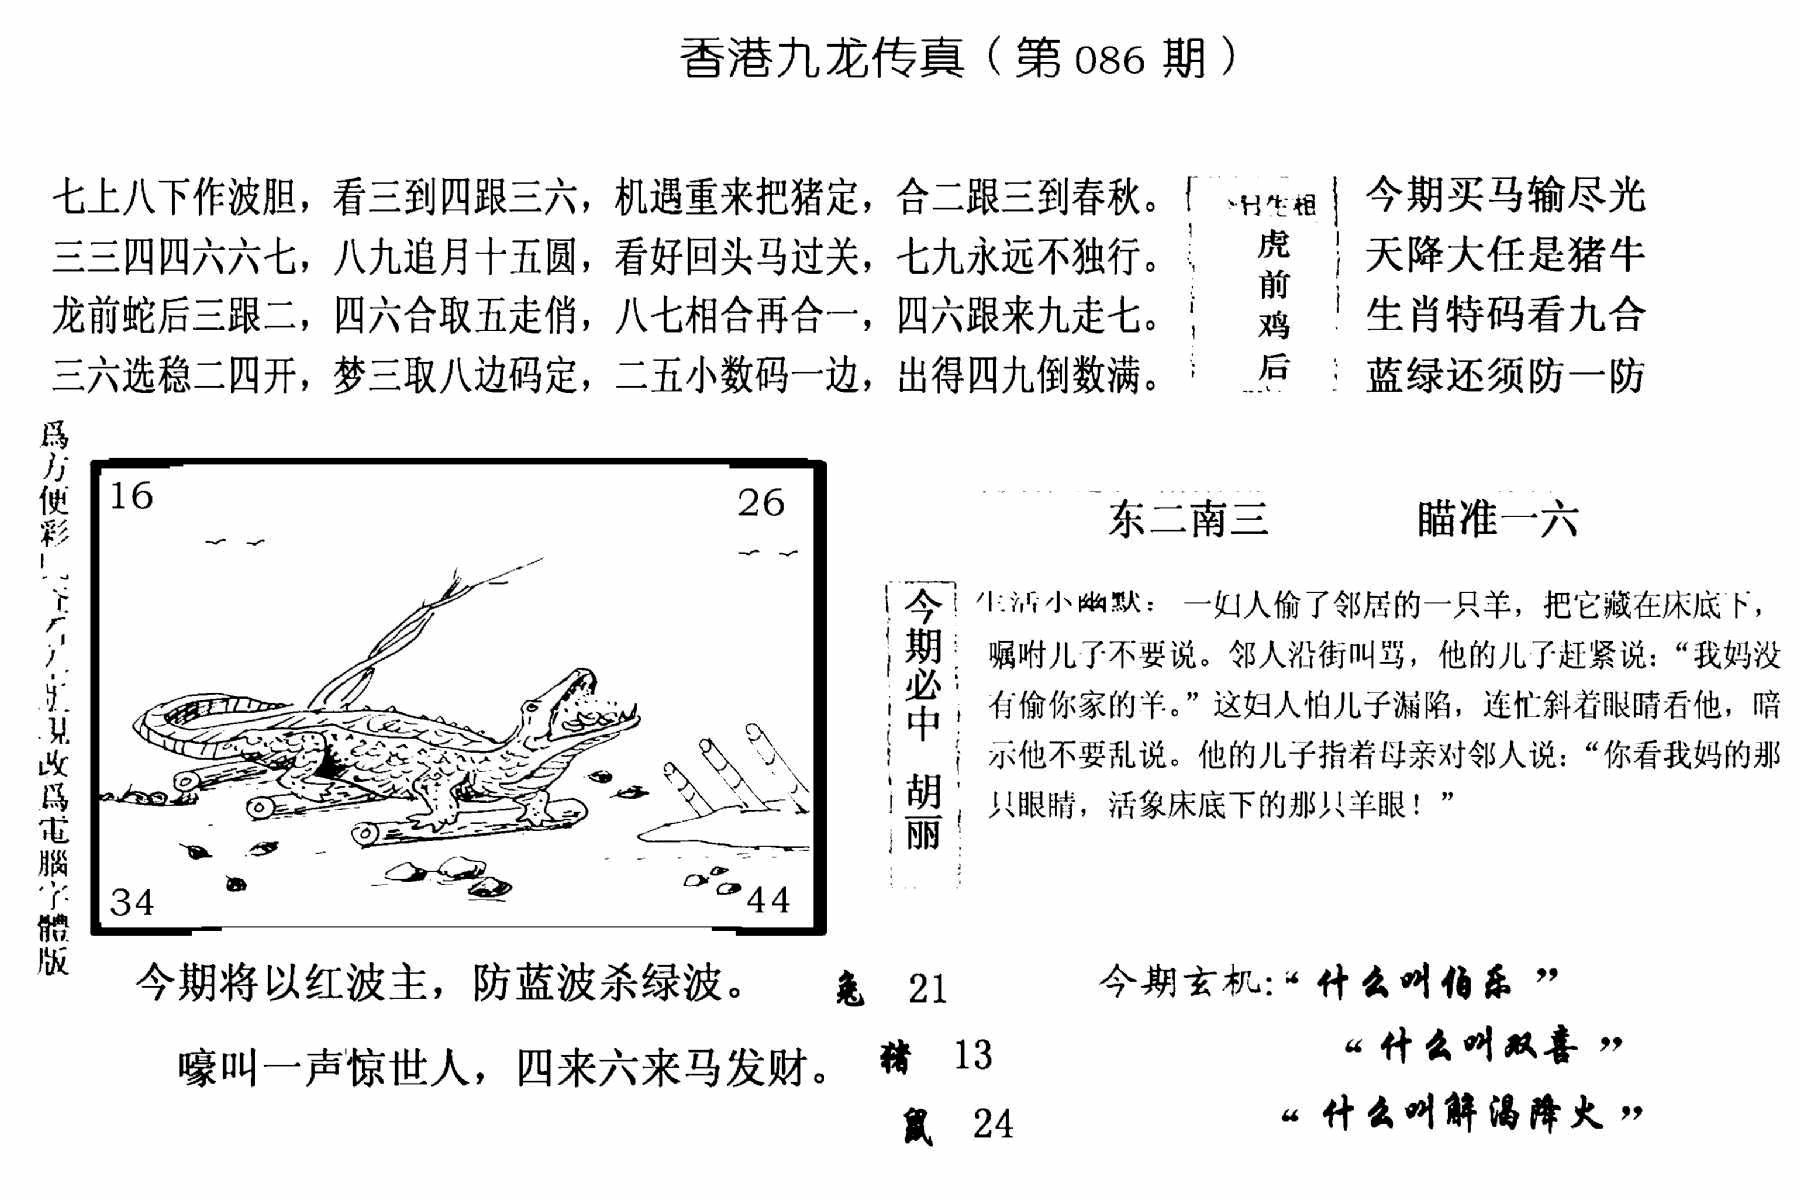 086期手写九龙内幕(电脑版)(黑白)